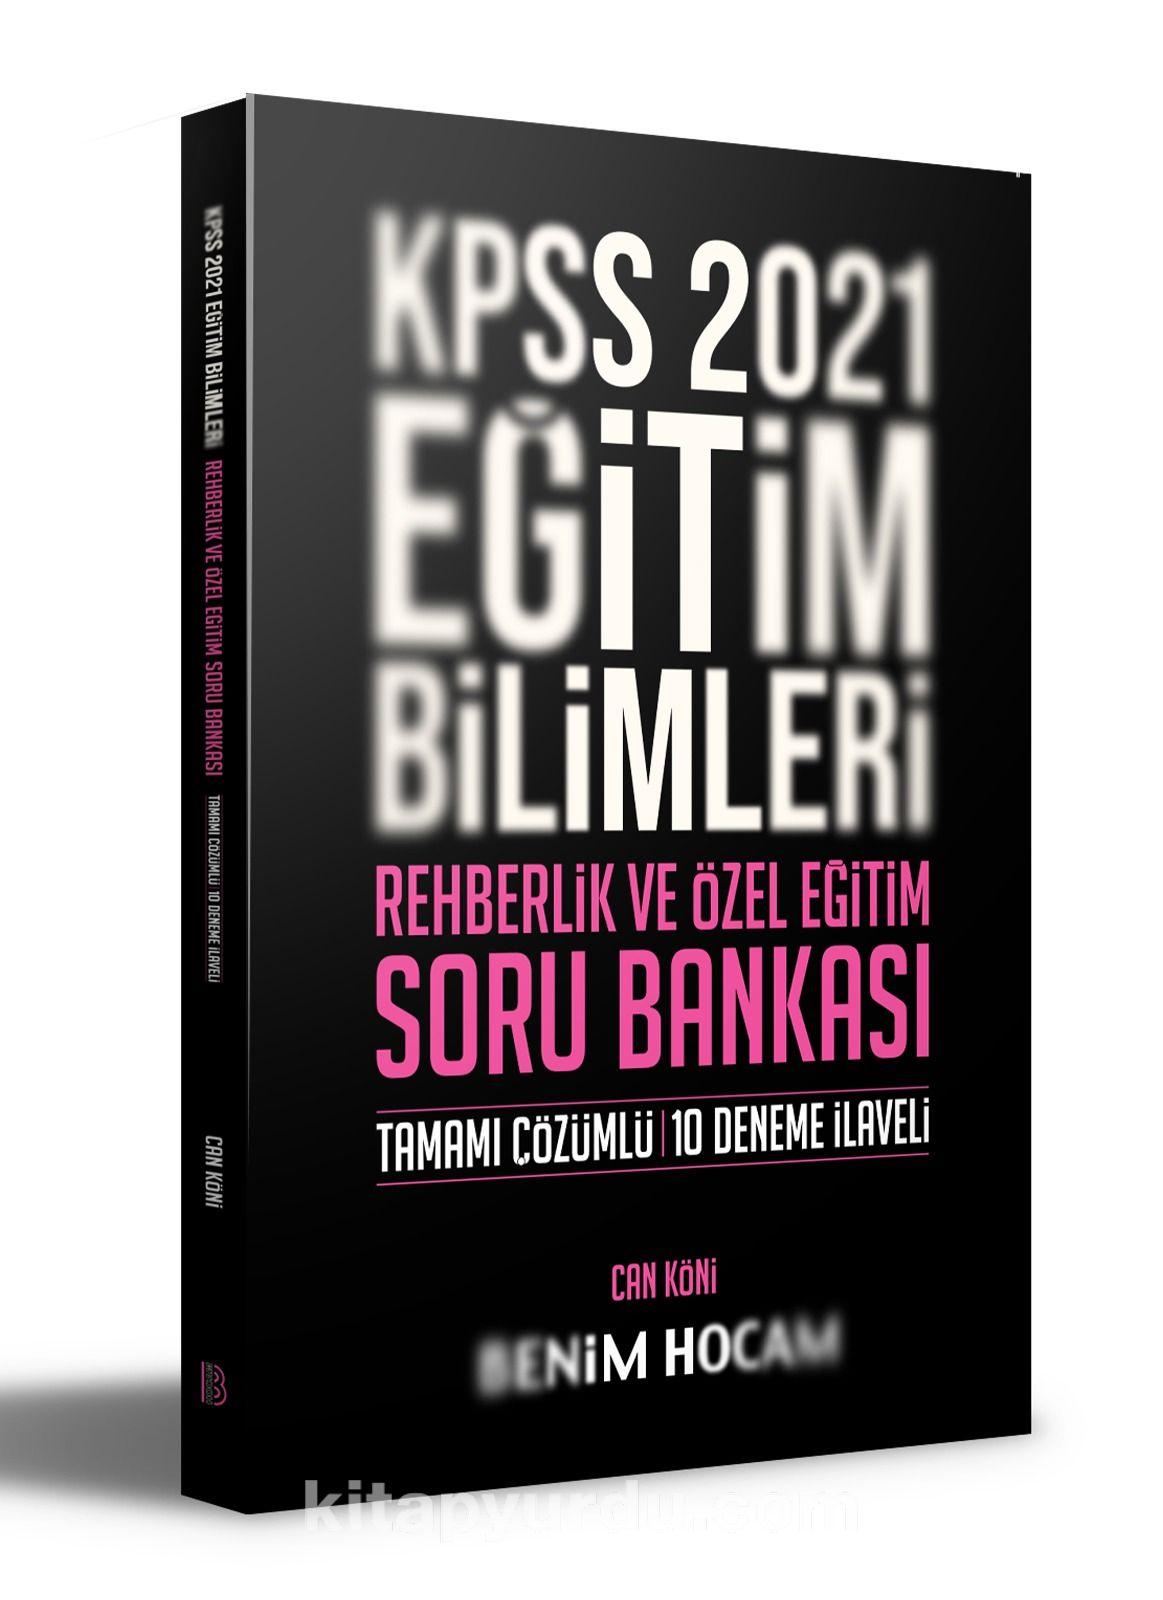 2021 KPSS Eğitim Bilimleri Rehberlik ve Özel Eğitim Soru Bankası Benim Hocam Yayınları   PDF Kitap İndir